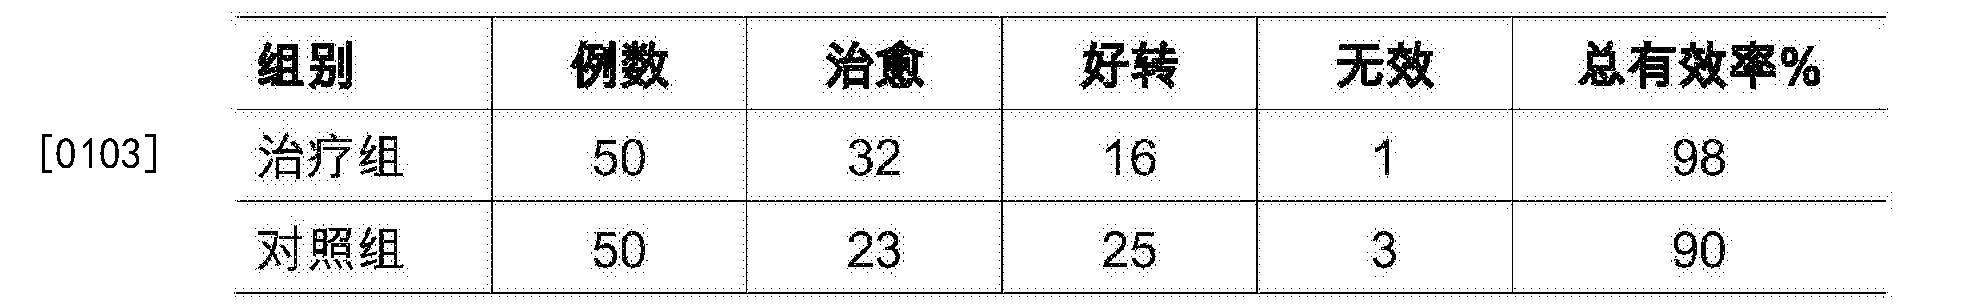 Figure CN105770237BD00132